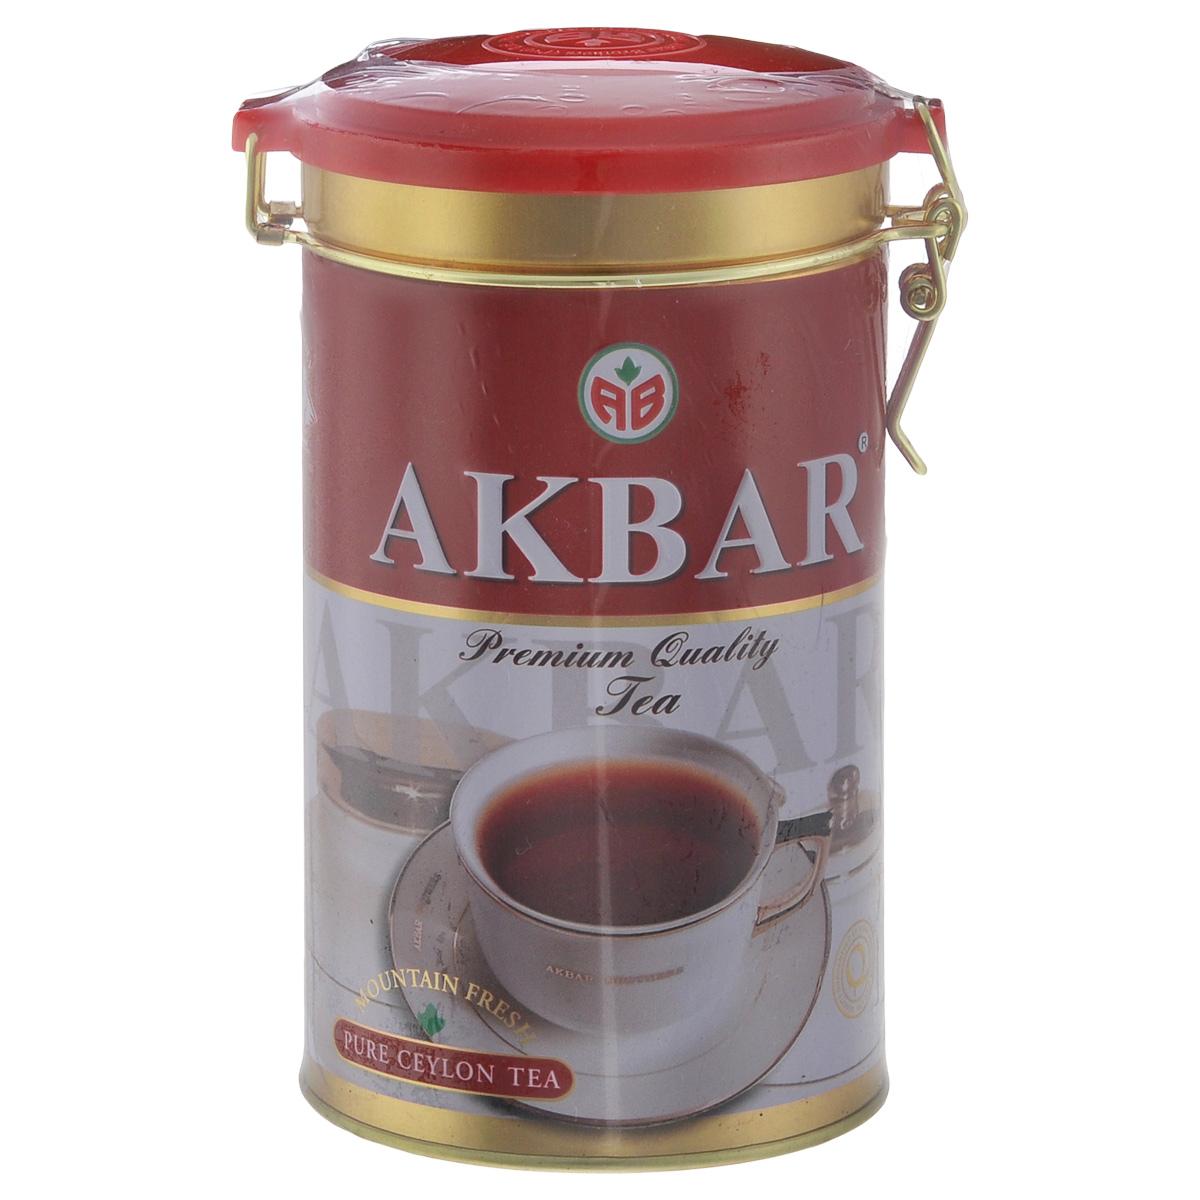 Akbar Mountaun Fresh черный листовой чай, 150 г1042011Akbar Mountaun Fresh - сорт чая, в котором воедино сливаются прошлое и настоящее ланкийского чаепроизводства, главная отличительная черта которого - постоянное стремление к повышению качества выпускаемой продукции.